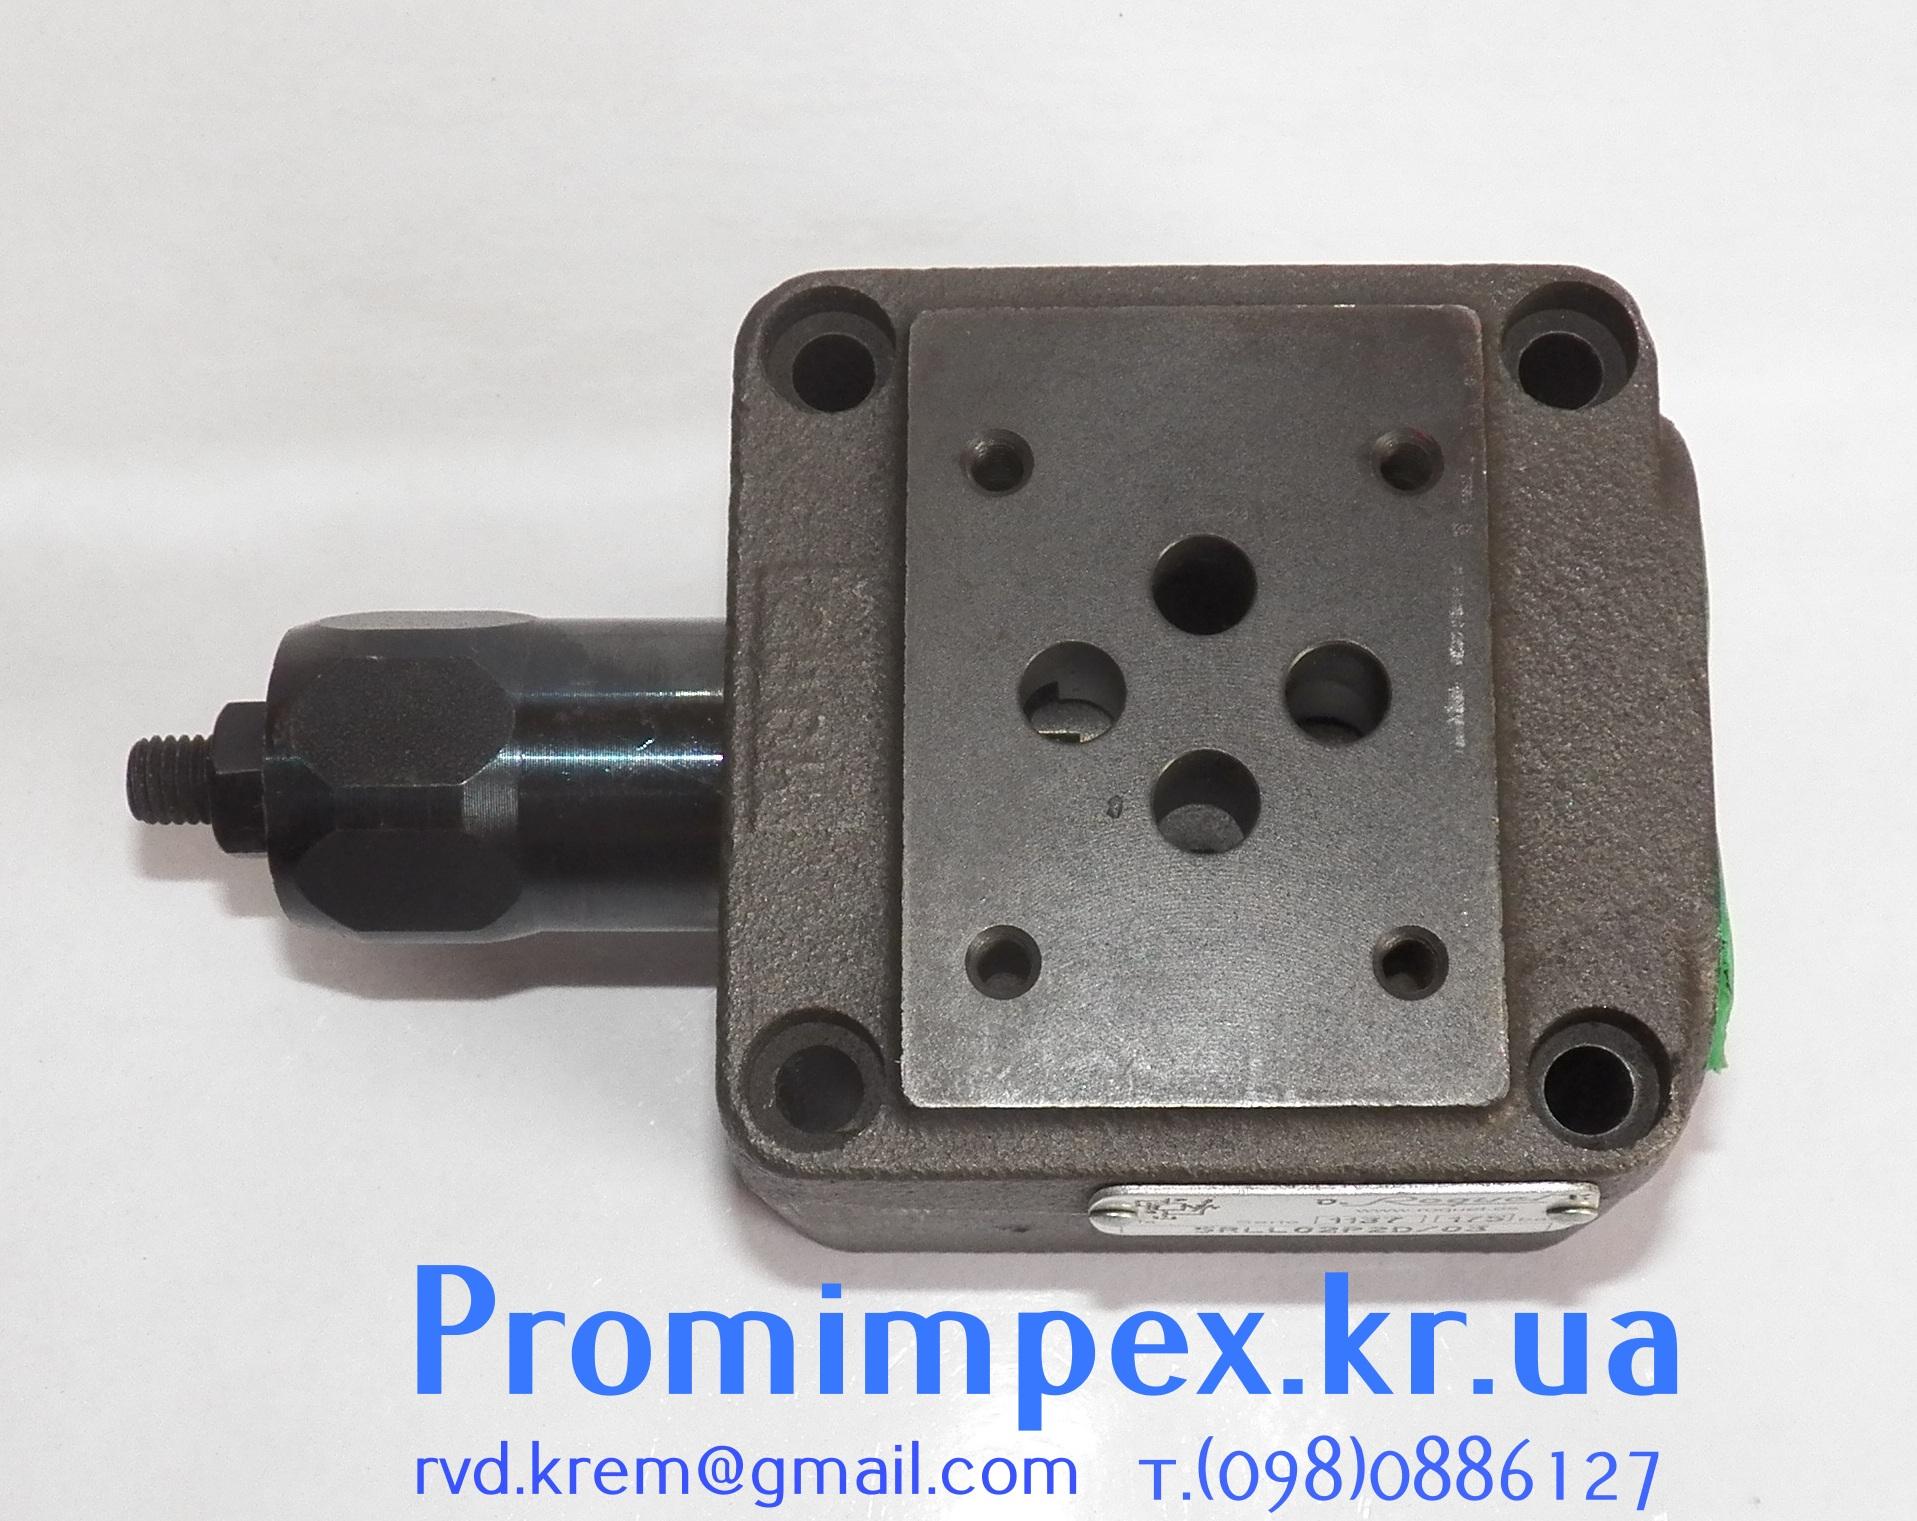 Плита монтажная для гидравлических распределителей с предохранительным клапаном